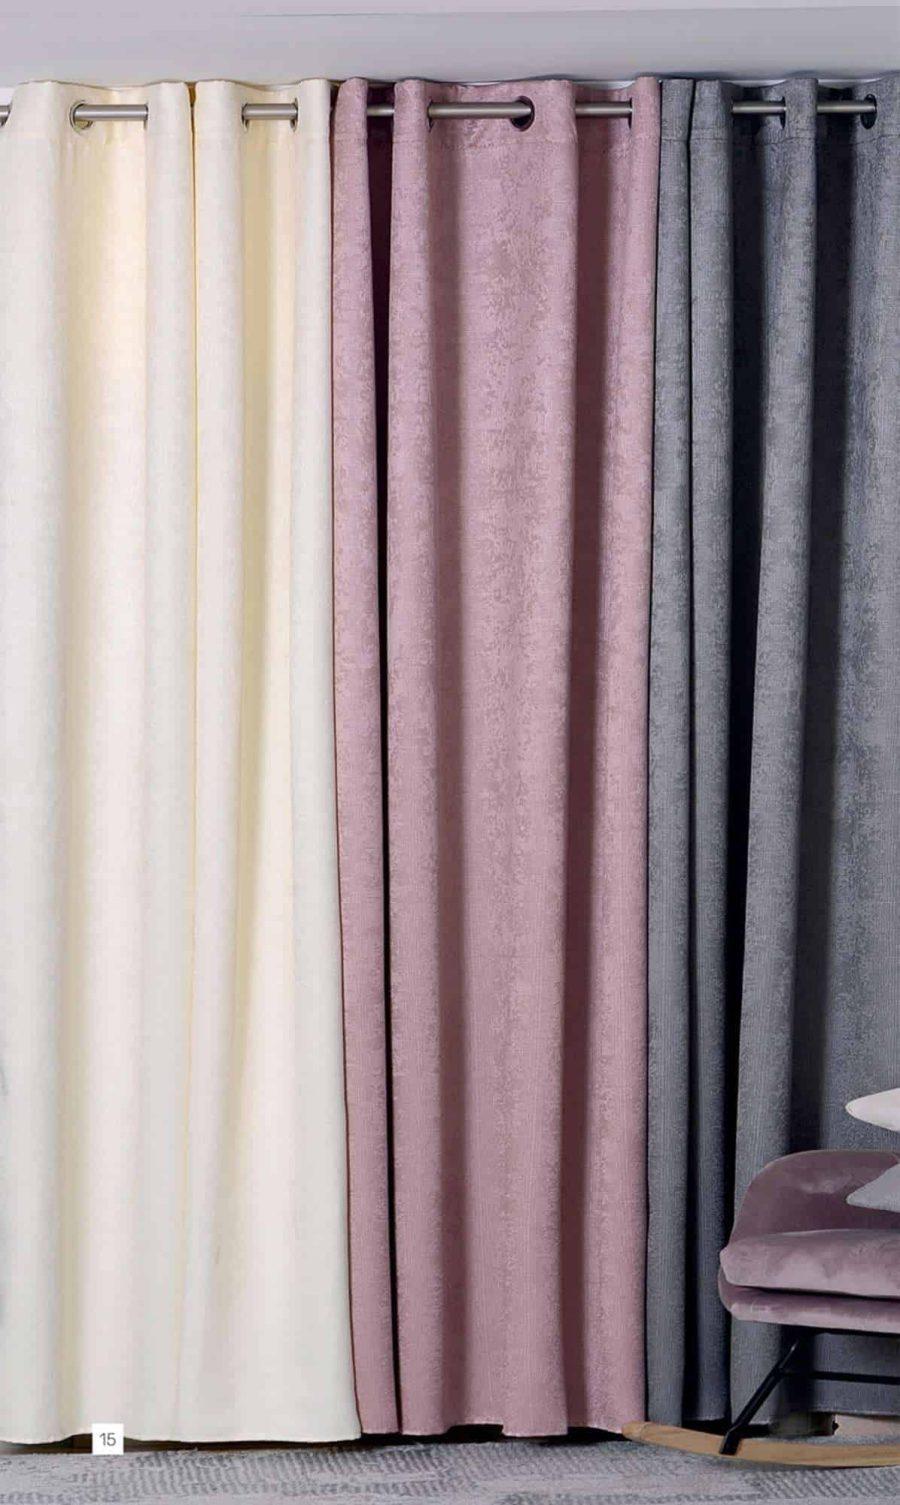 טולדנו וילון הצללה מעוצב לסלון ולחדר השינה